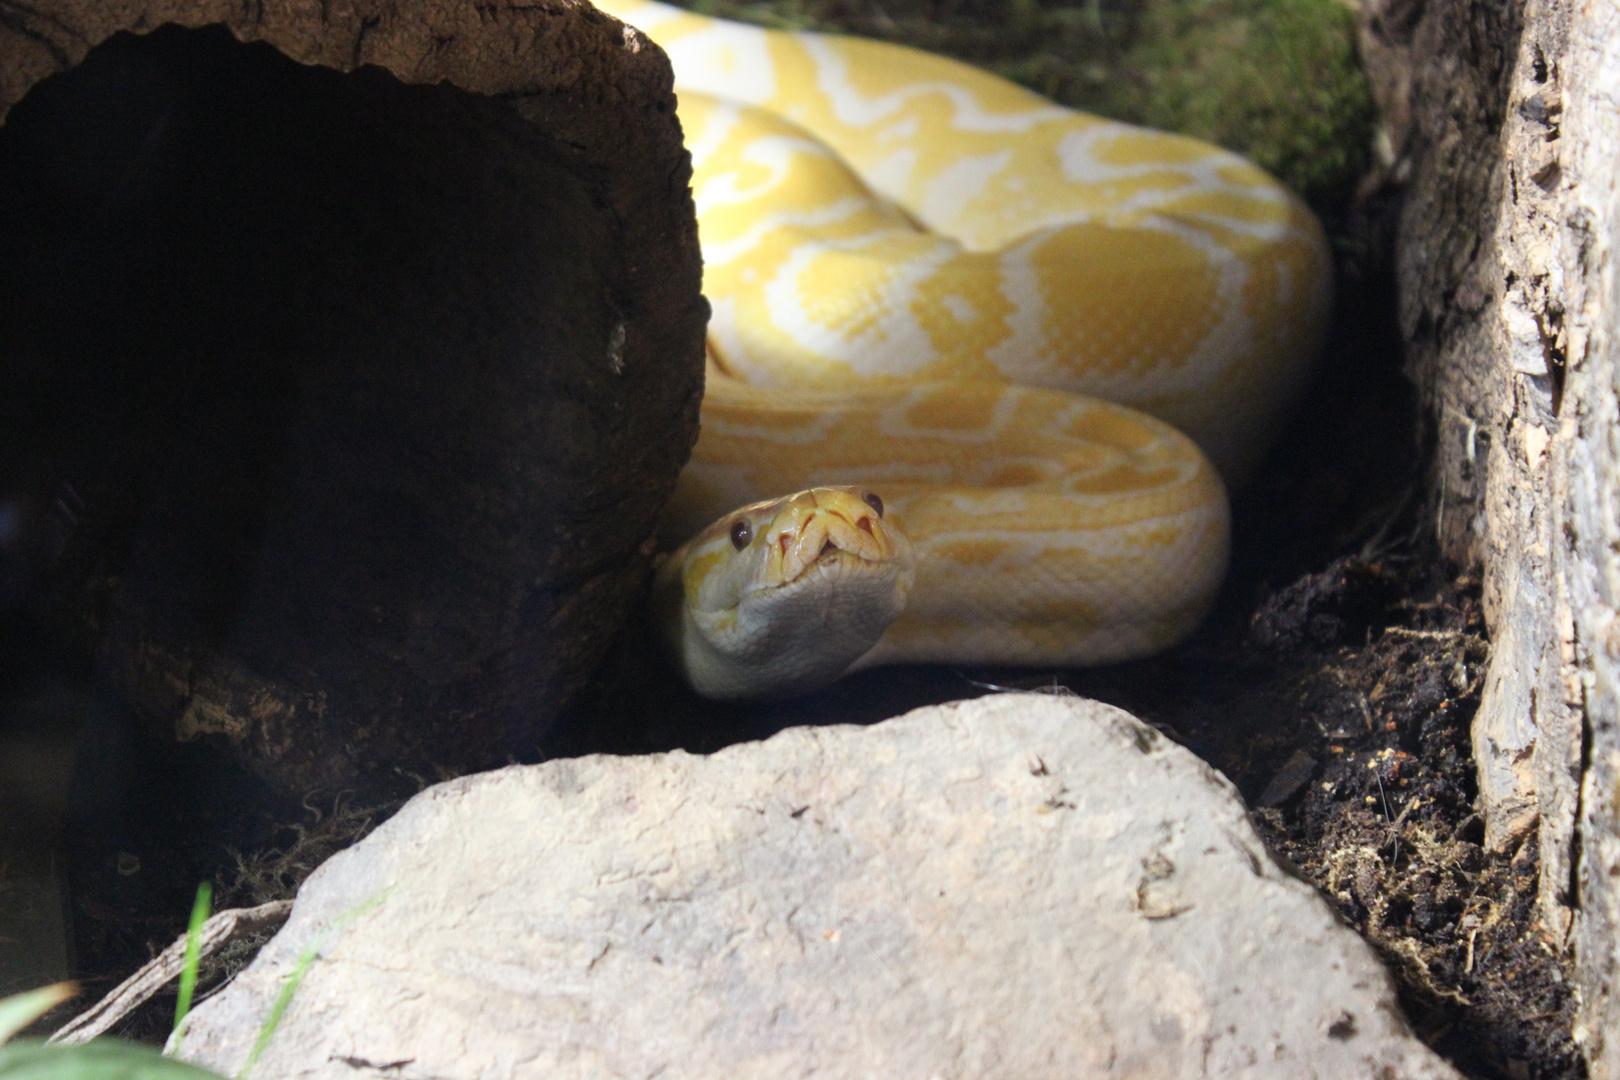 Schlange im Zoo in Neunkirchen